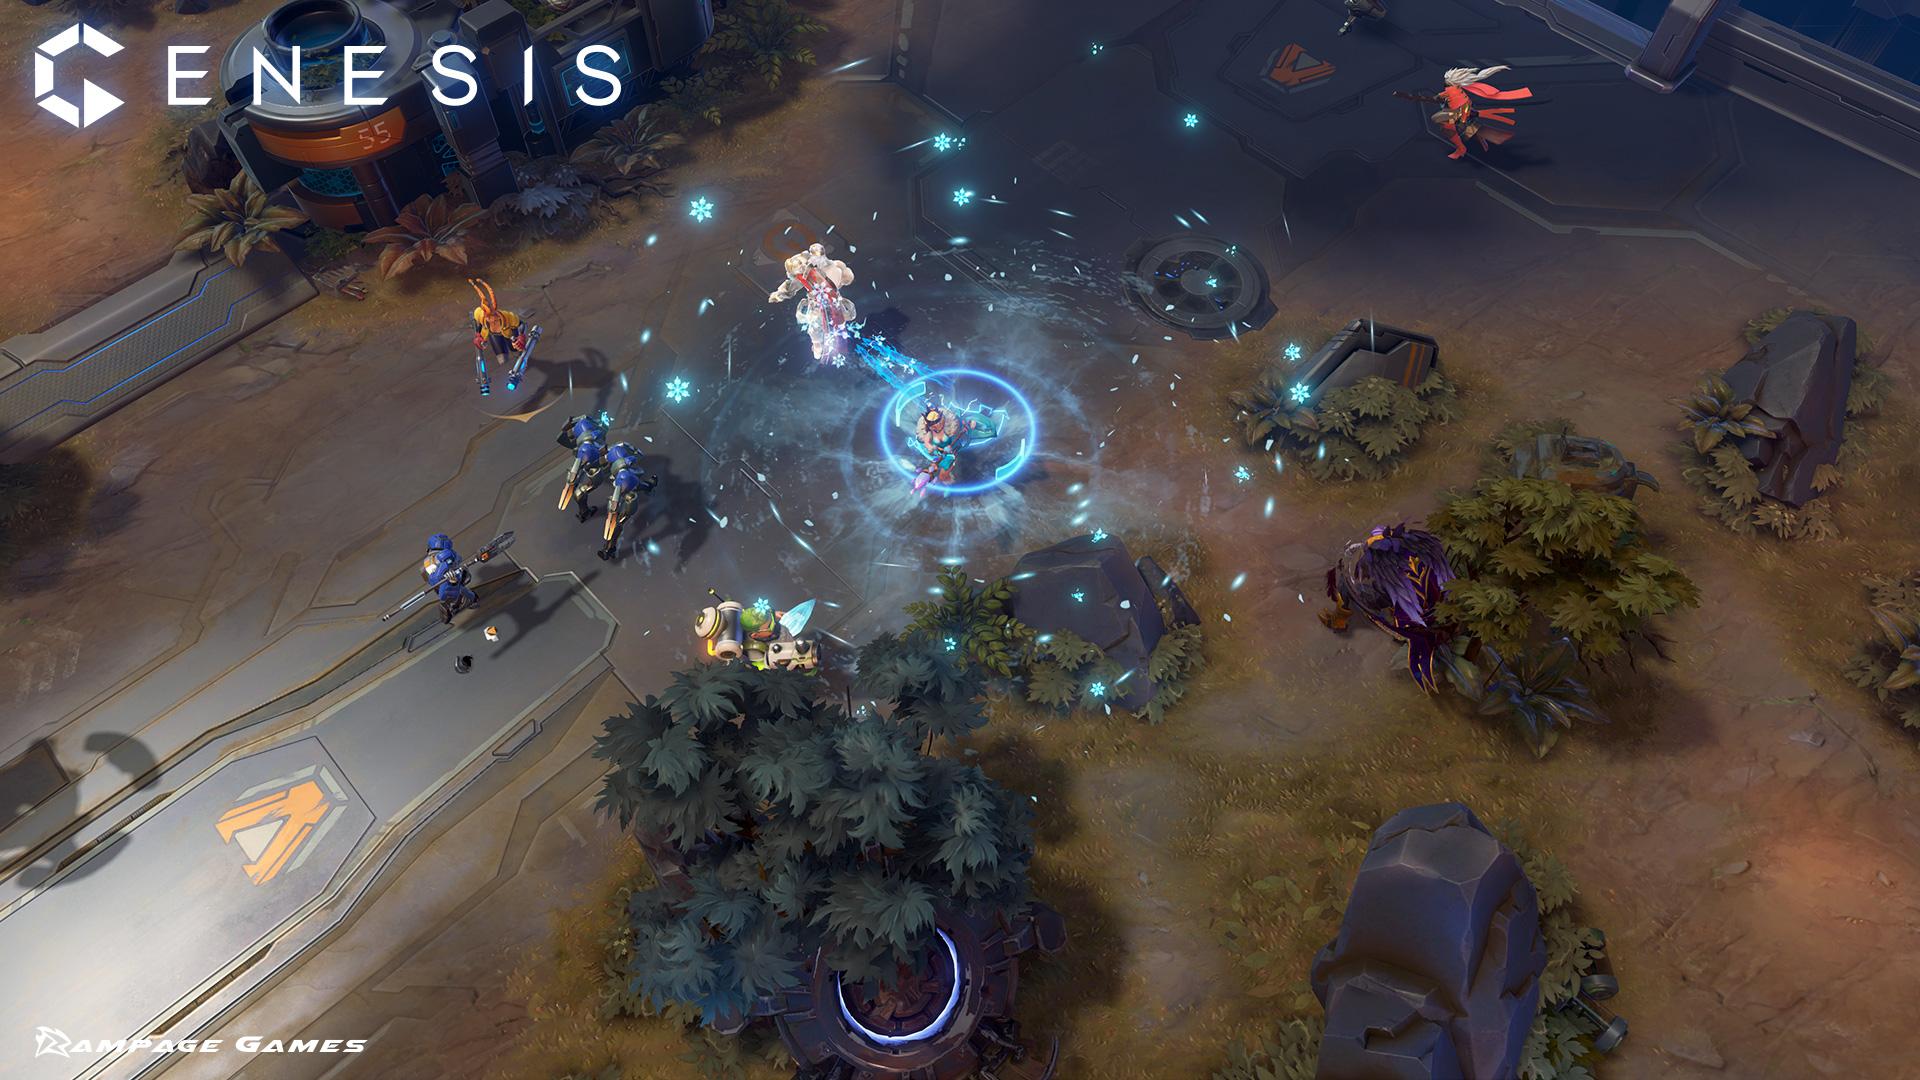 Genesis - 创世争霸 on Steam